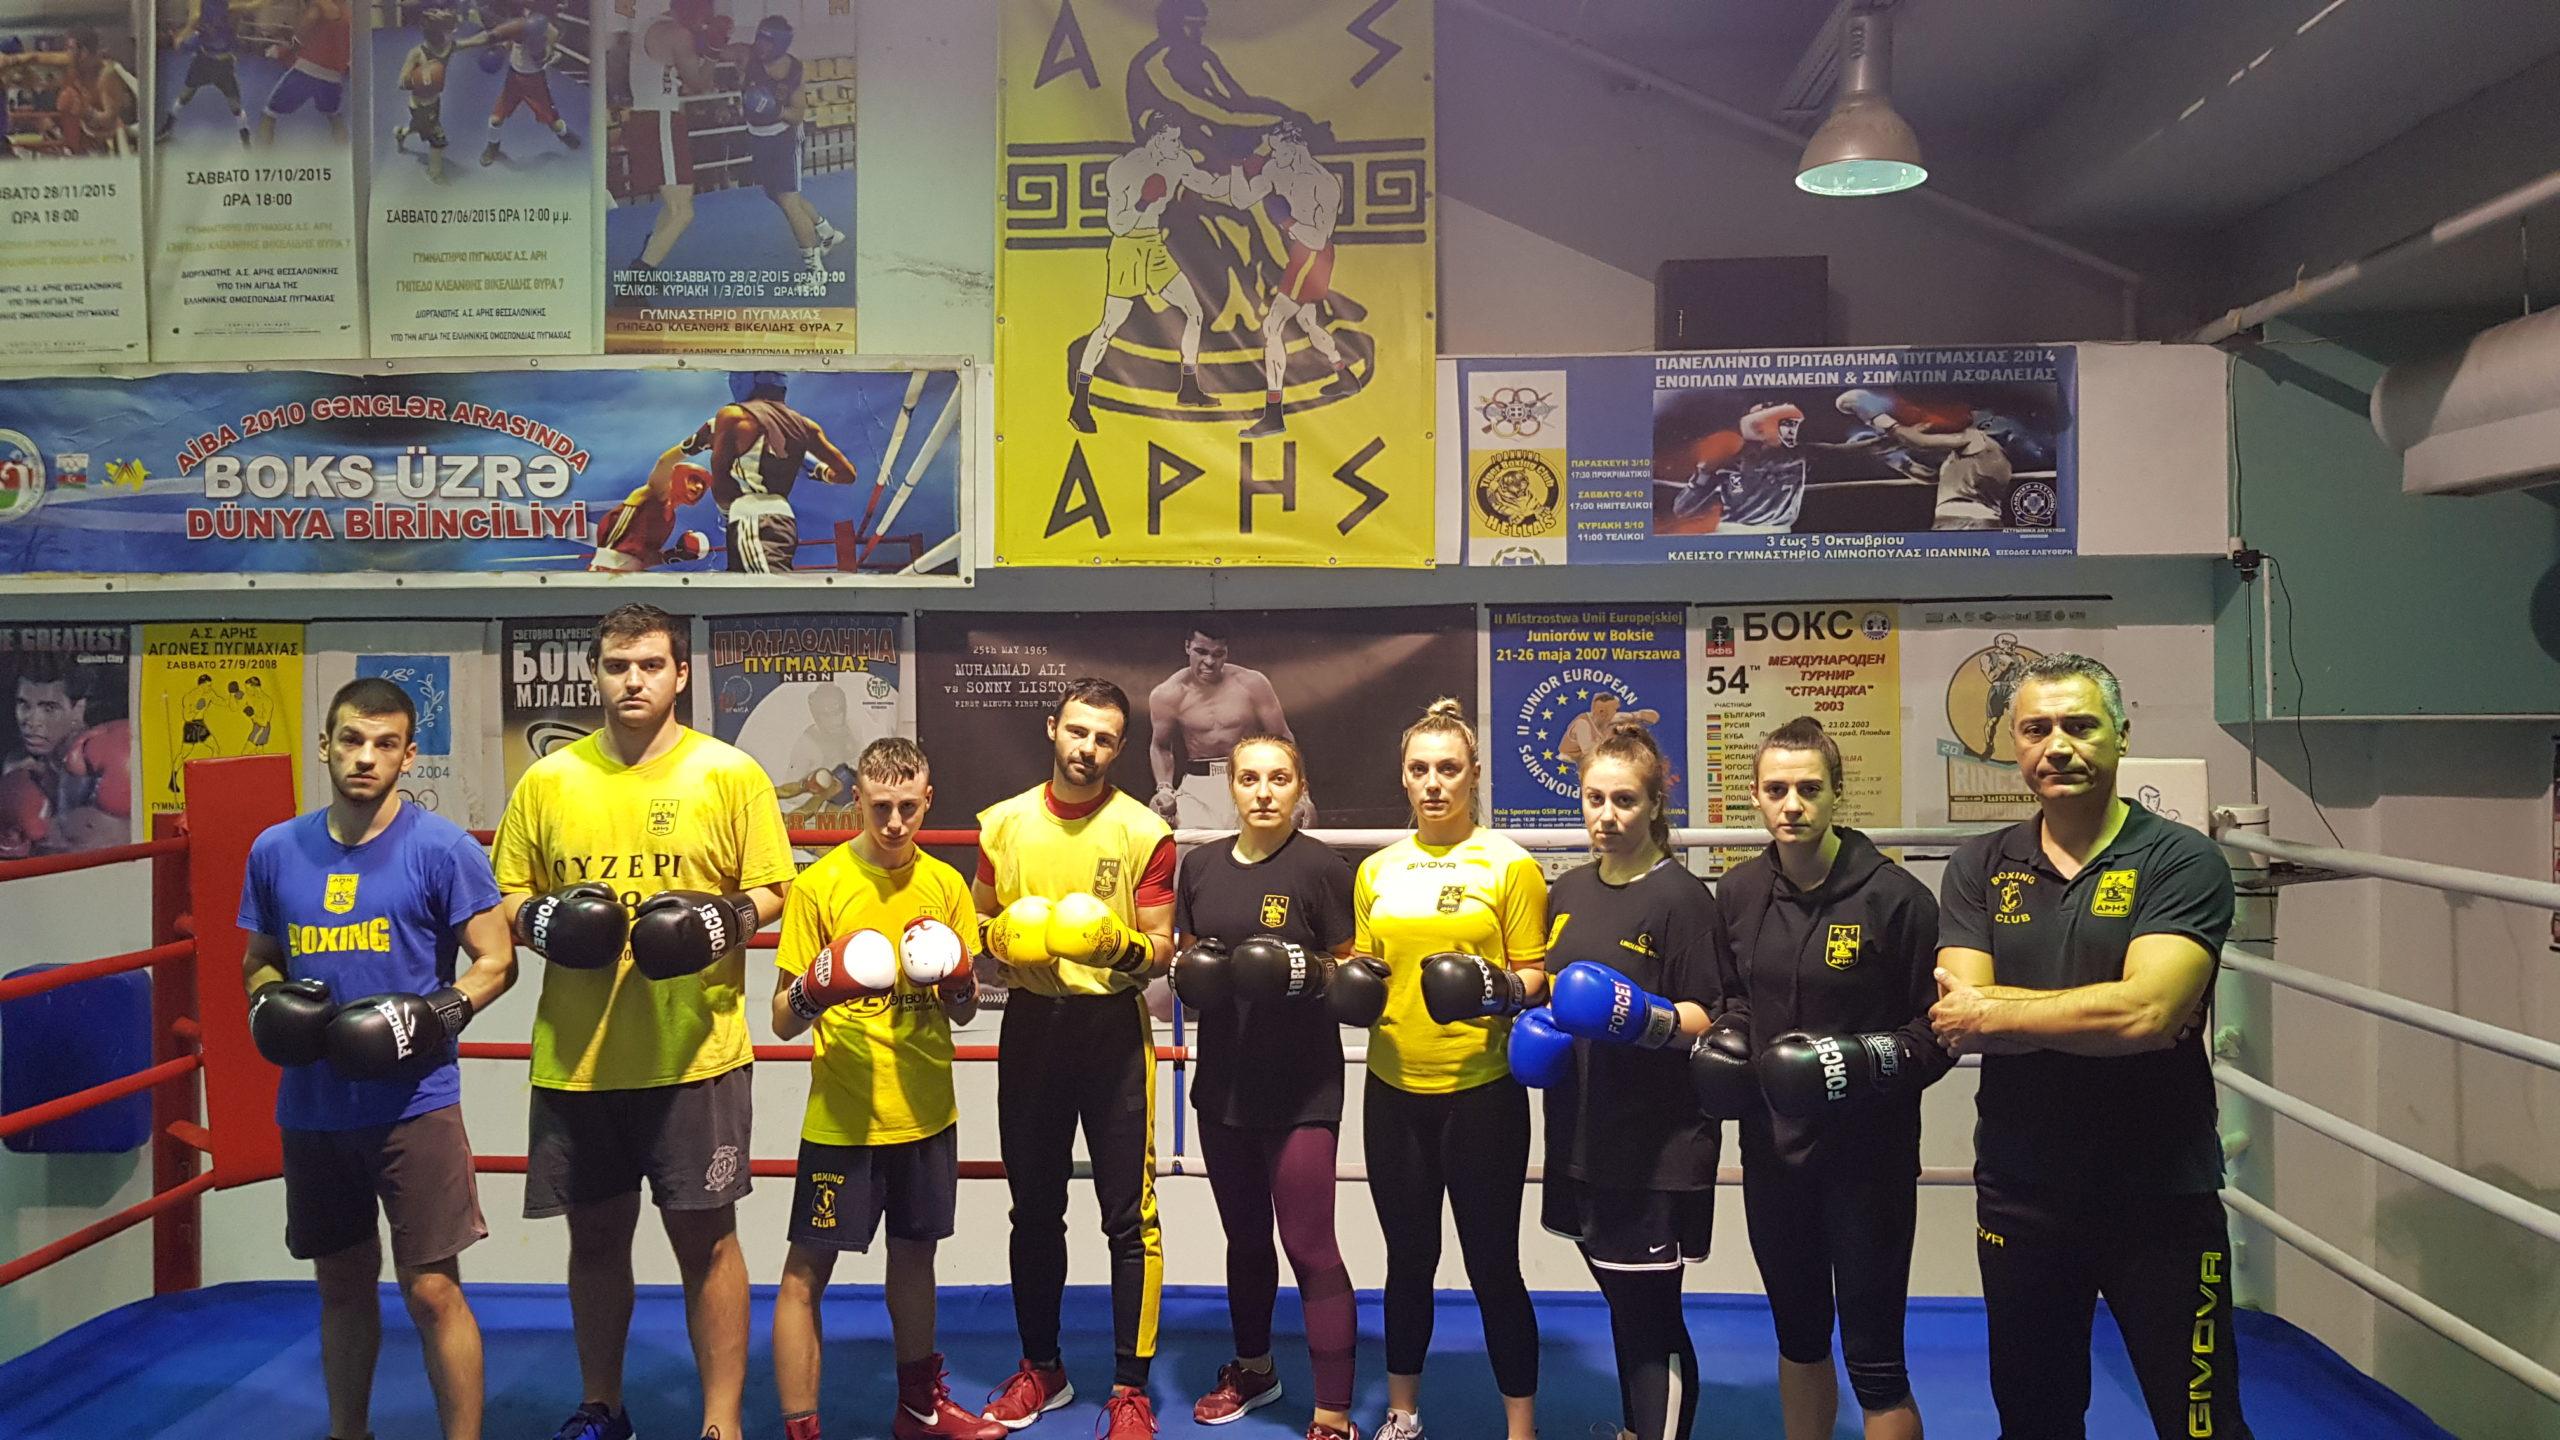 Πυγμαχία: Με 28 αθλητές και αθλήτριες στην Πάτρα ο ΑΡΗΣ